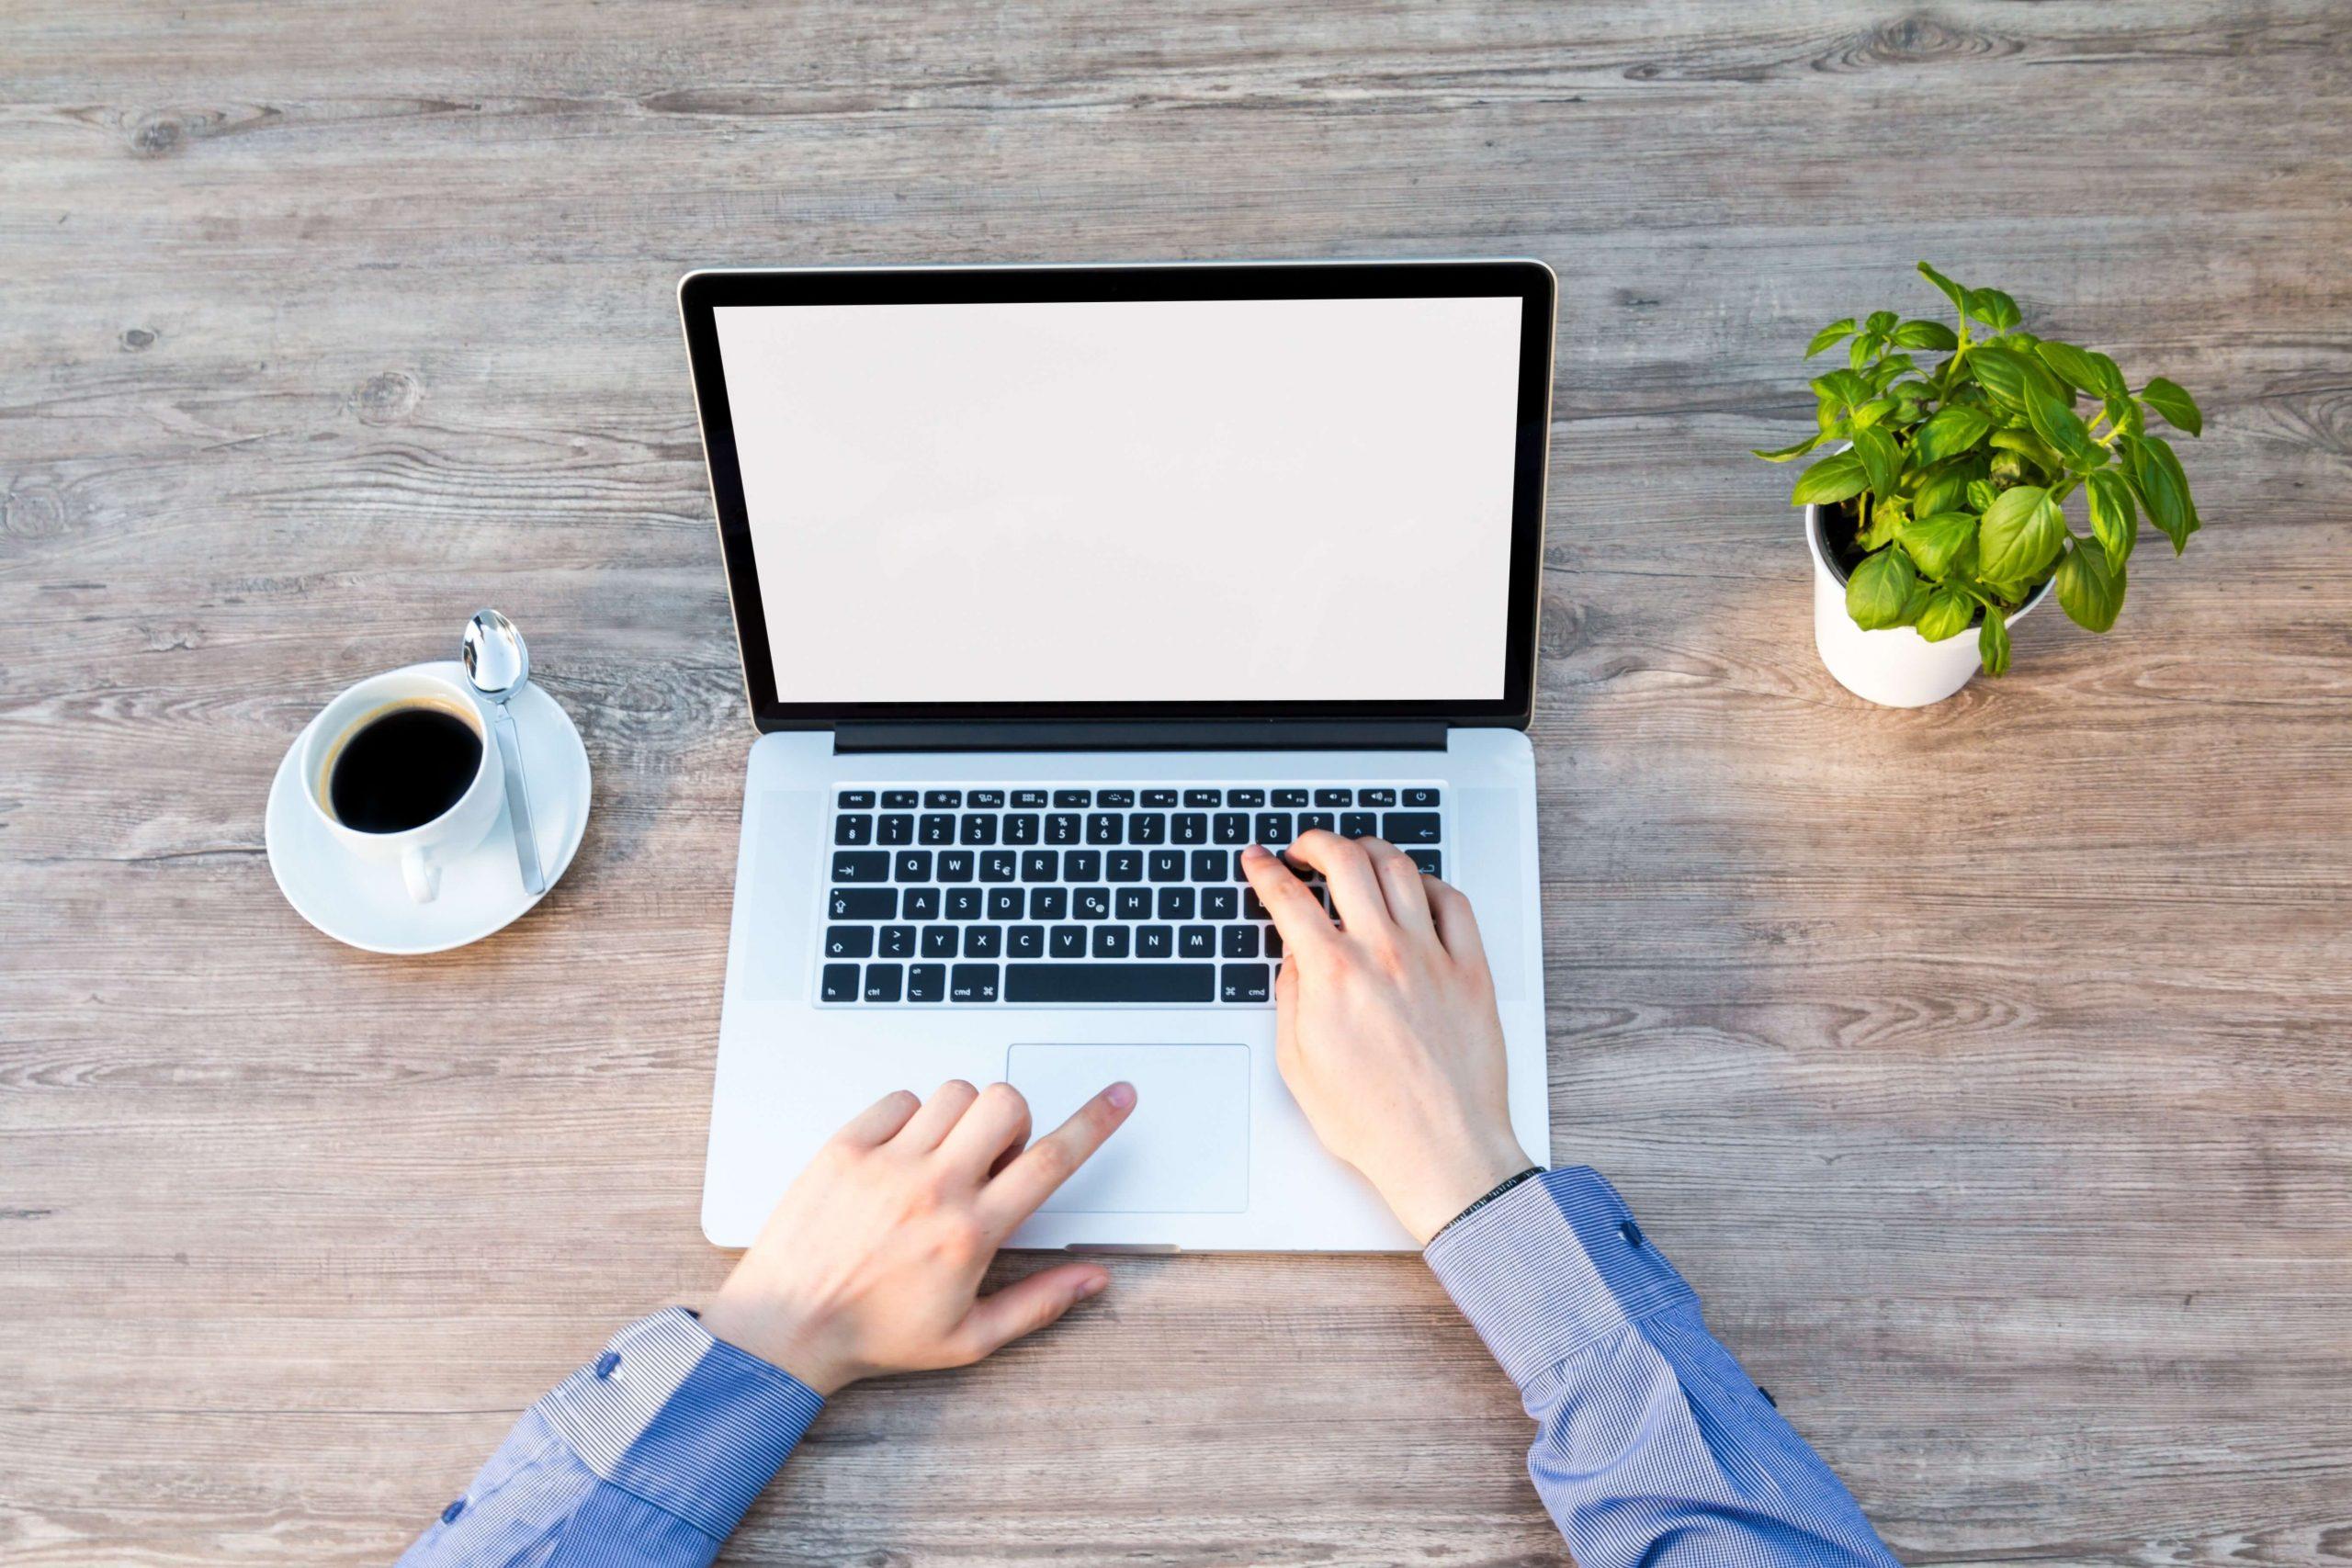 WordPress網站速度很慢怎麼辦? 10種方法提高網站速度